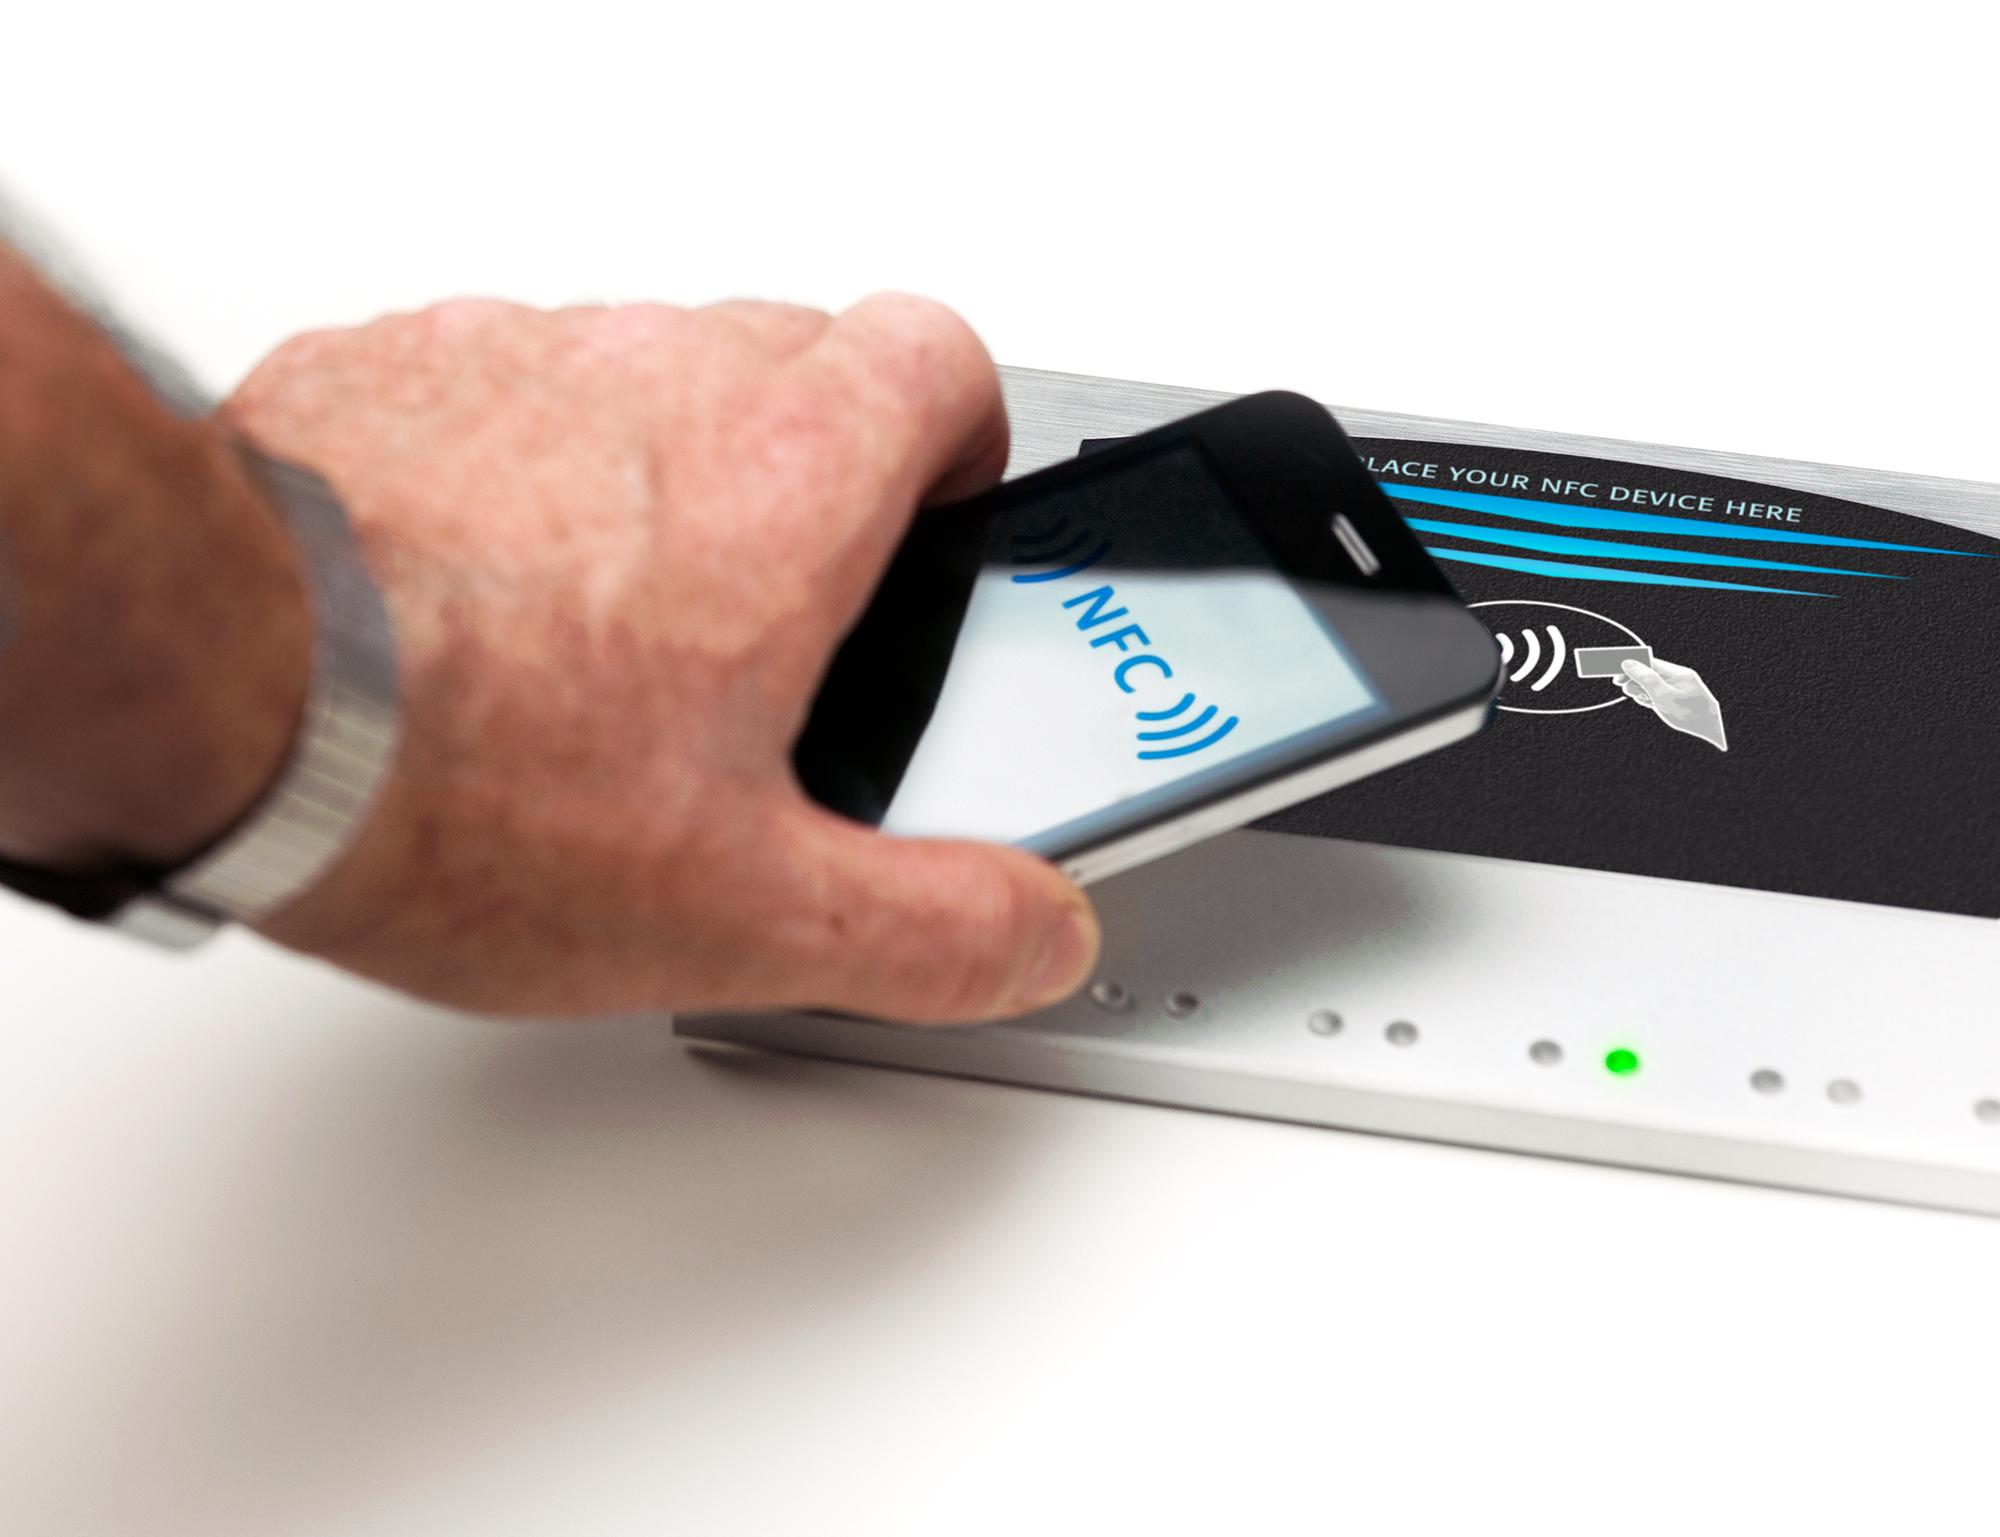 Foto de estúdio mostrando iPhone sendo usado com NFC